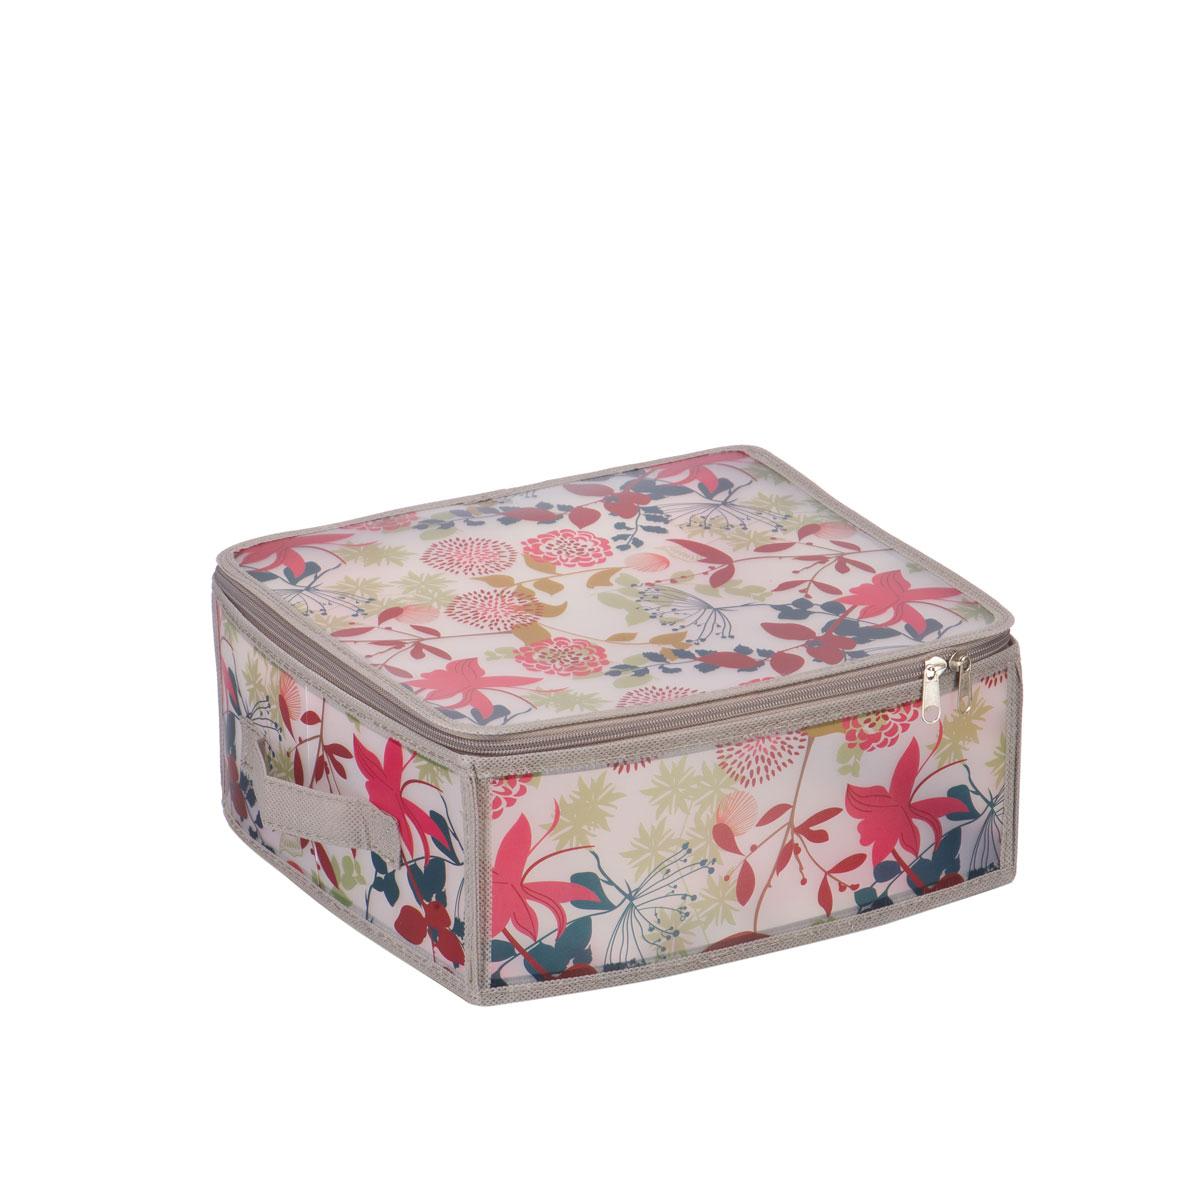 Короб для хранения Handy Home Лето, складной, 30 х 28 х 15 см короб для хранения обуви handy homeроза 4 секции 94 х 60 х 15 см